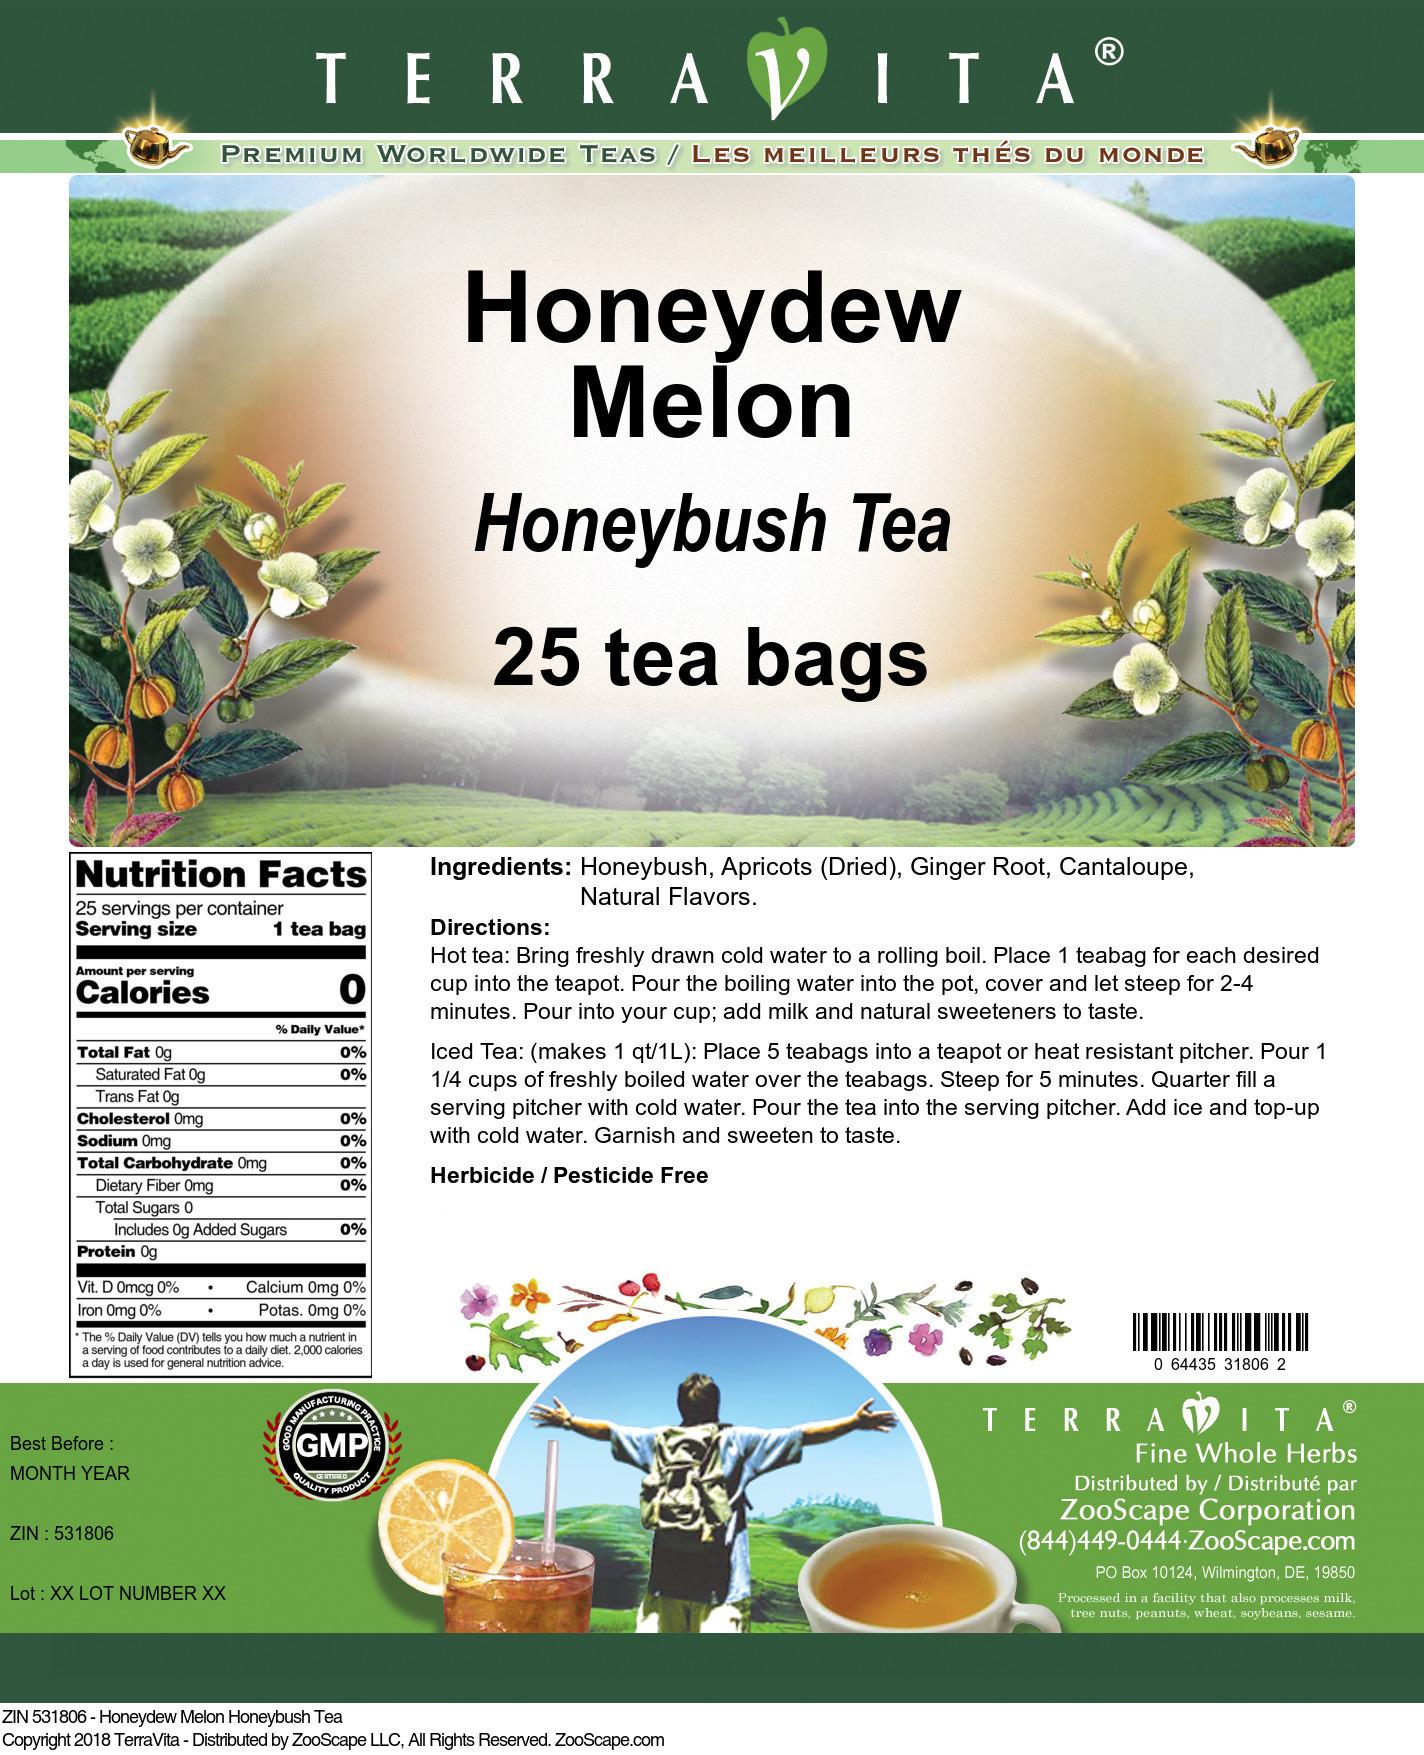 Honeydew Melon Honeybush Tea